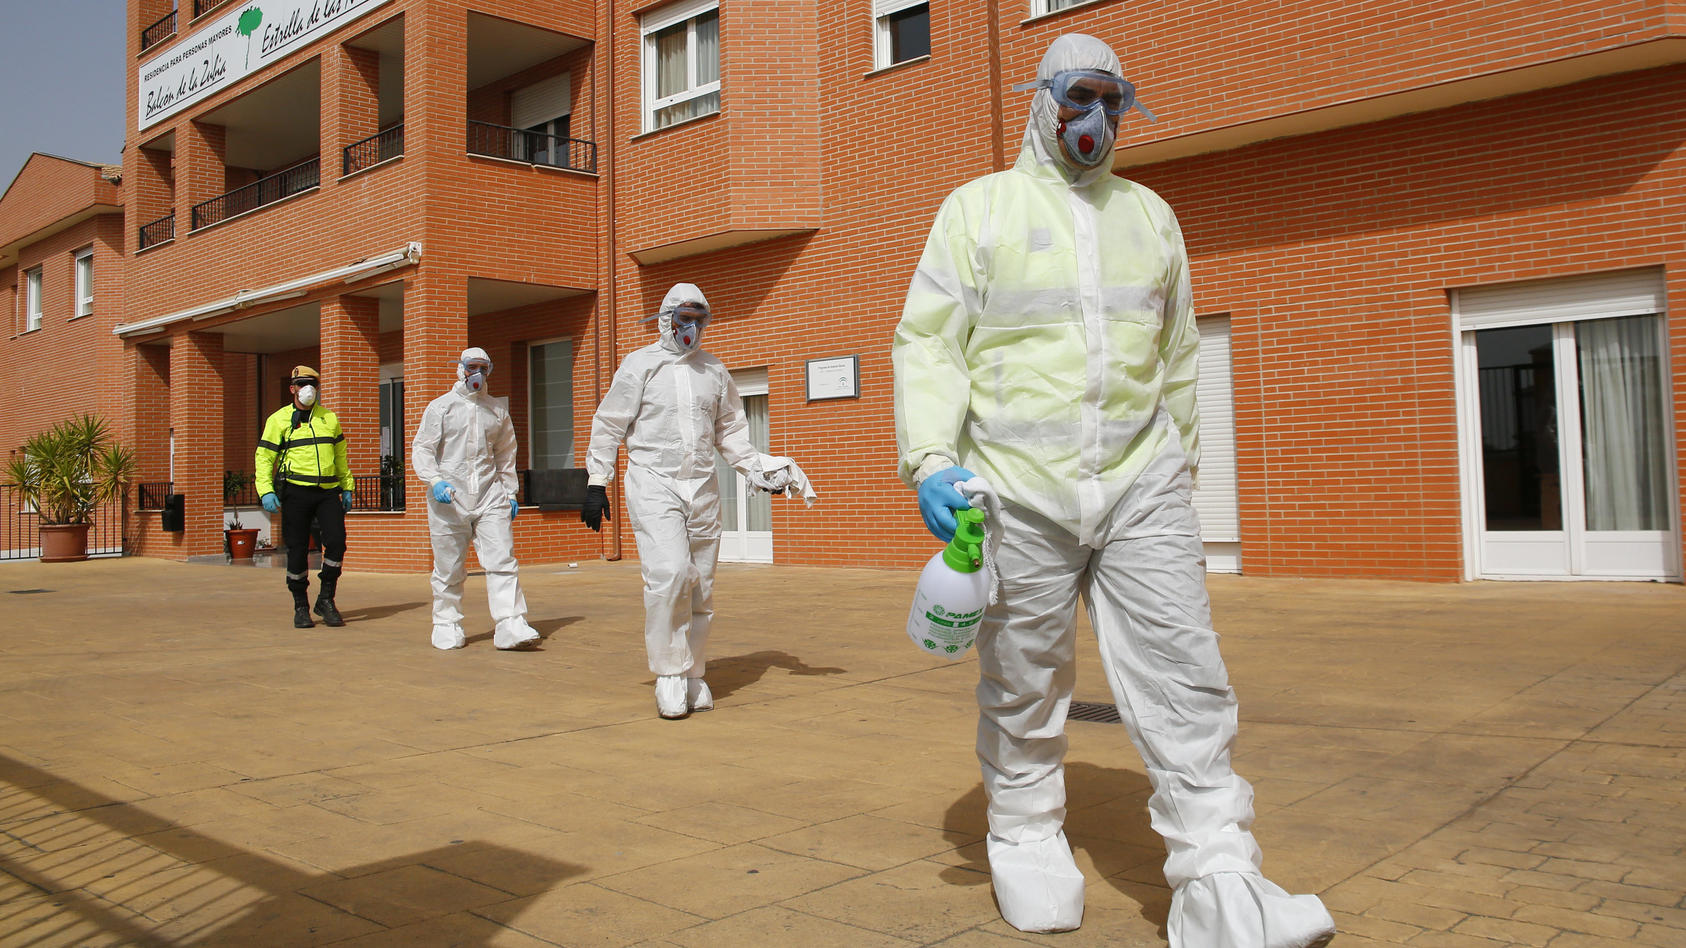 Das Militär hilft dabei, Altenheime in Spanien zu desinfizieren, um die Ausbreitung des Coronavirus zu stoppen.